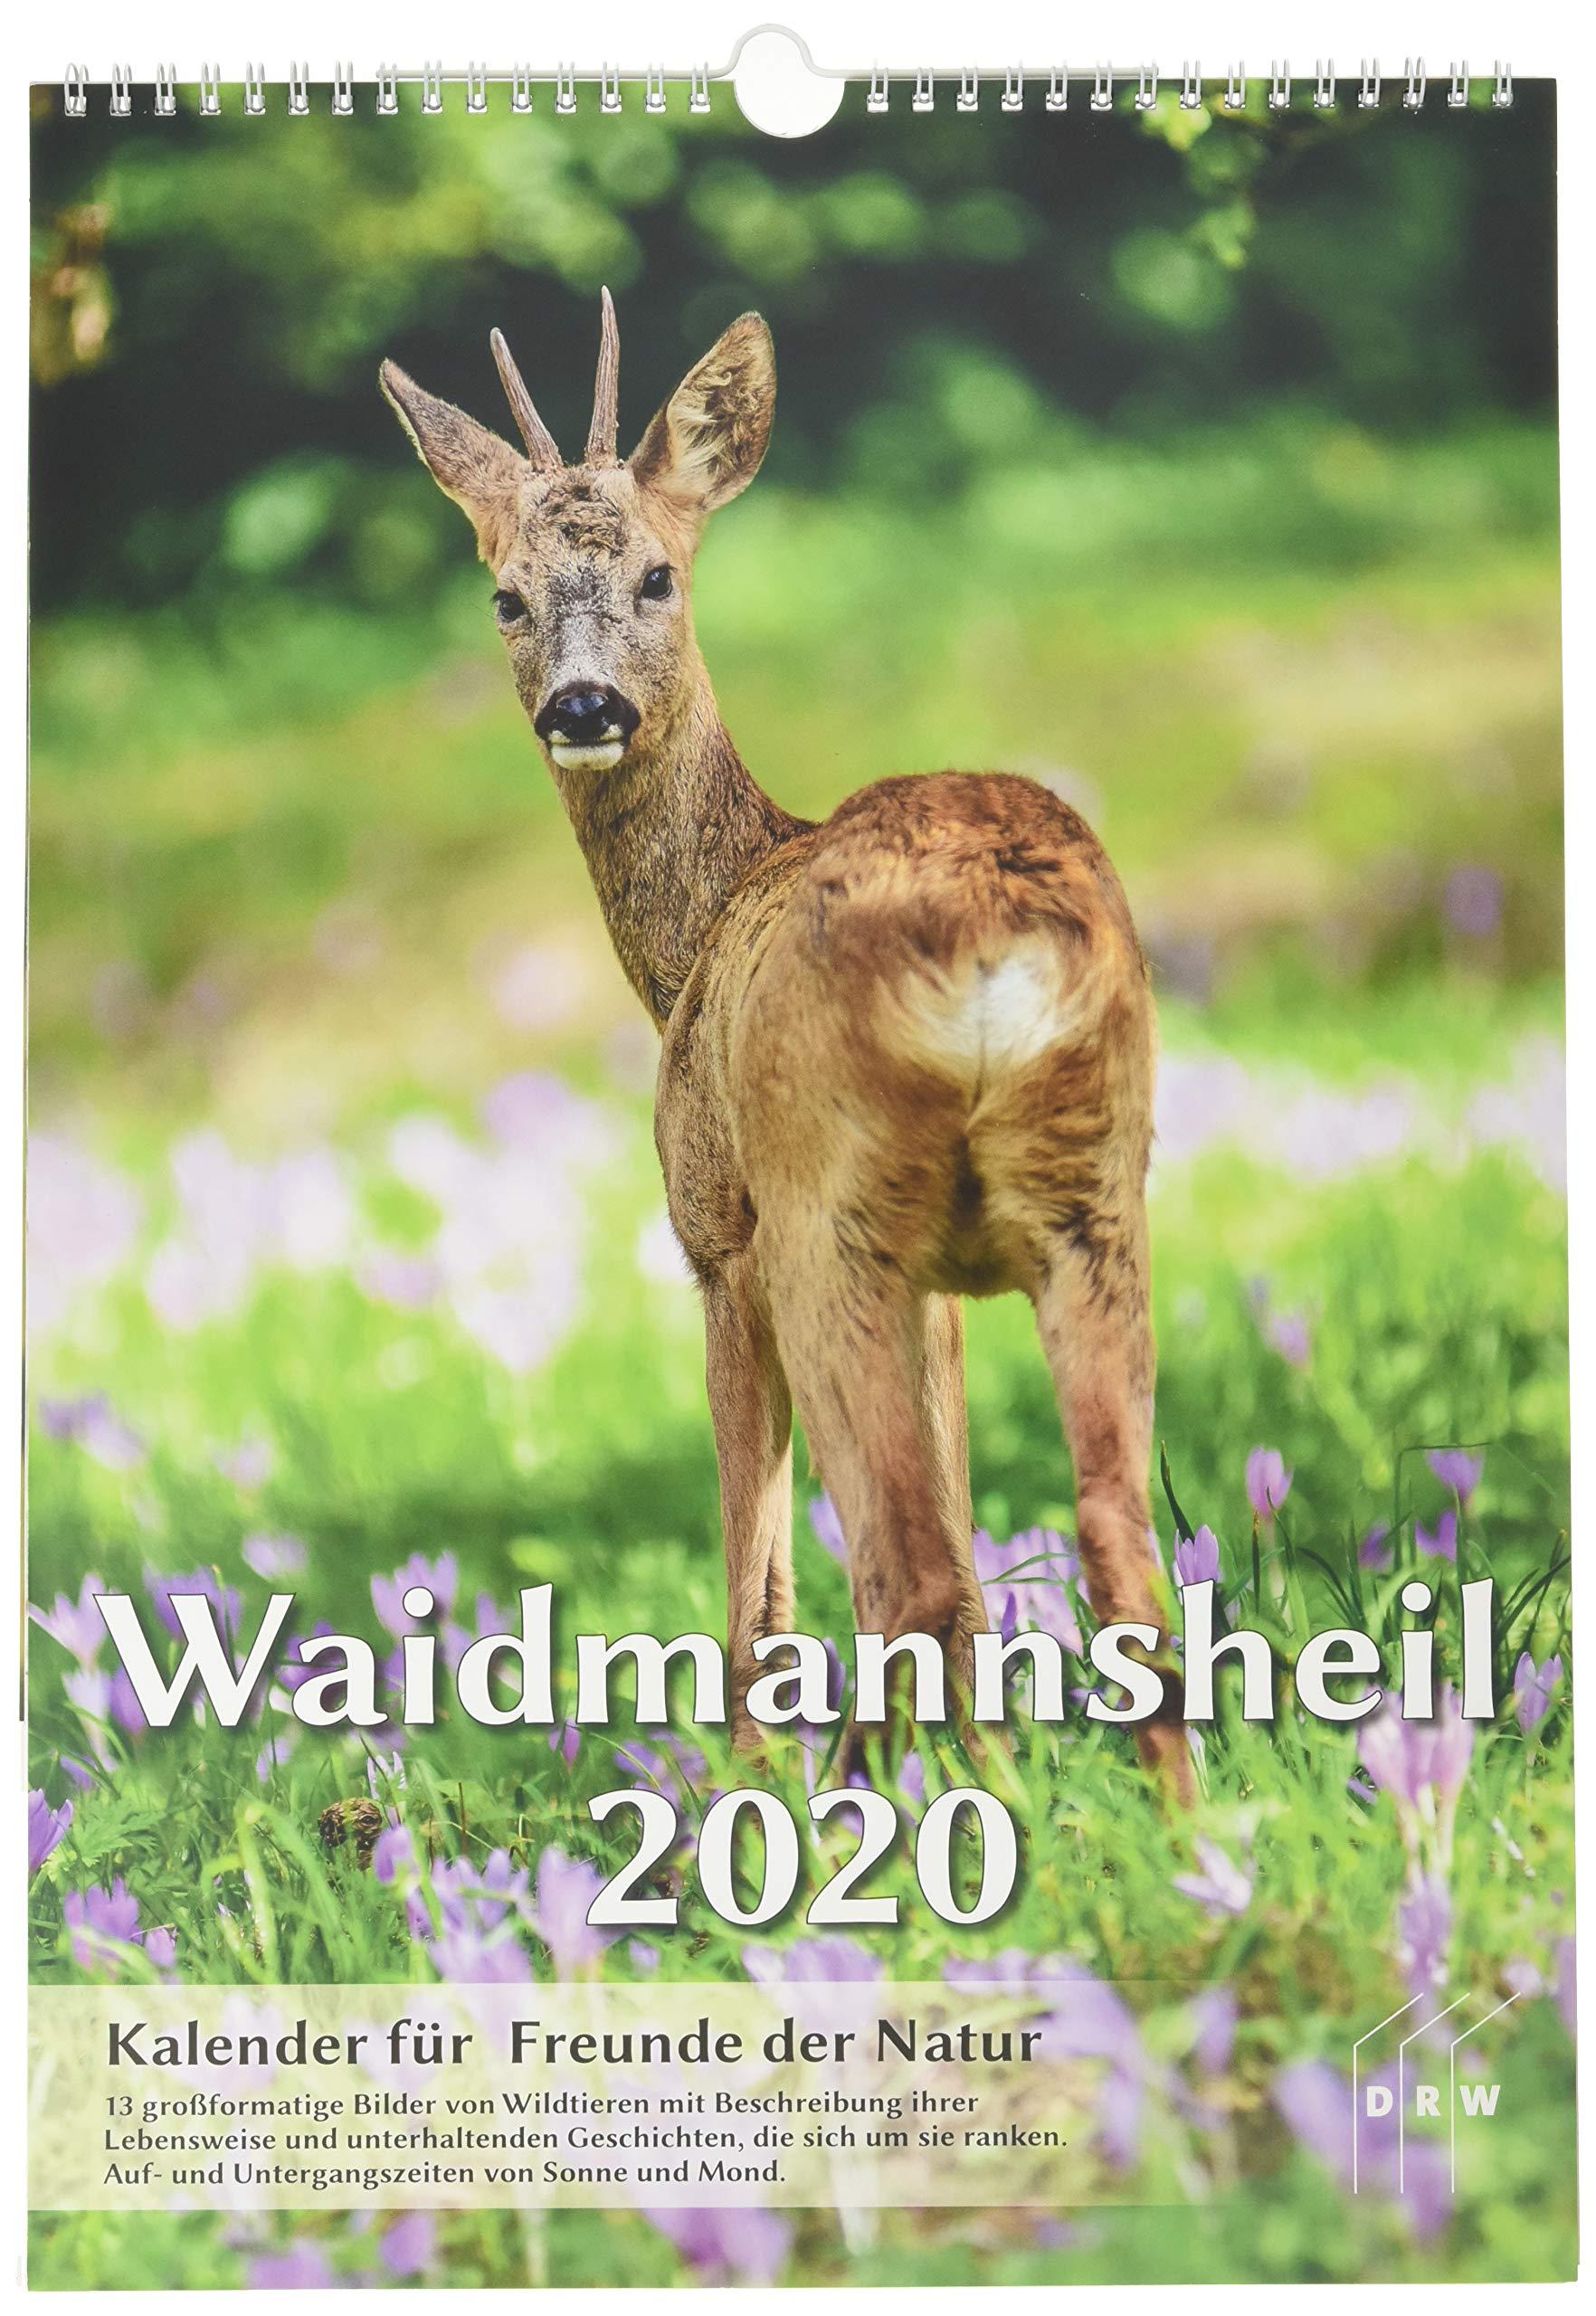 Waidmannsheil 2020  Kalender Für Freunde Der Natur